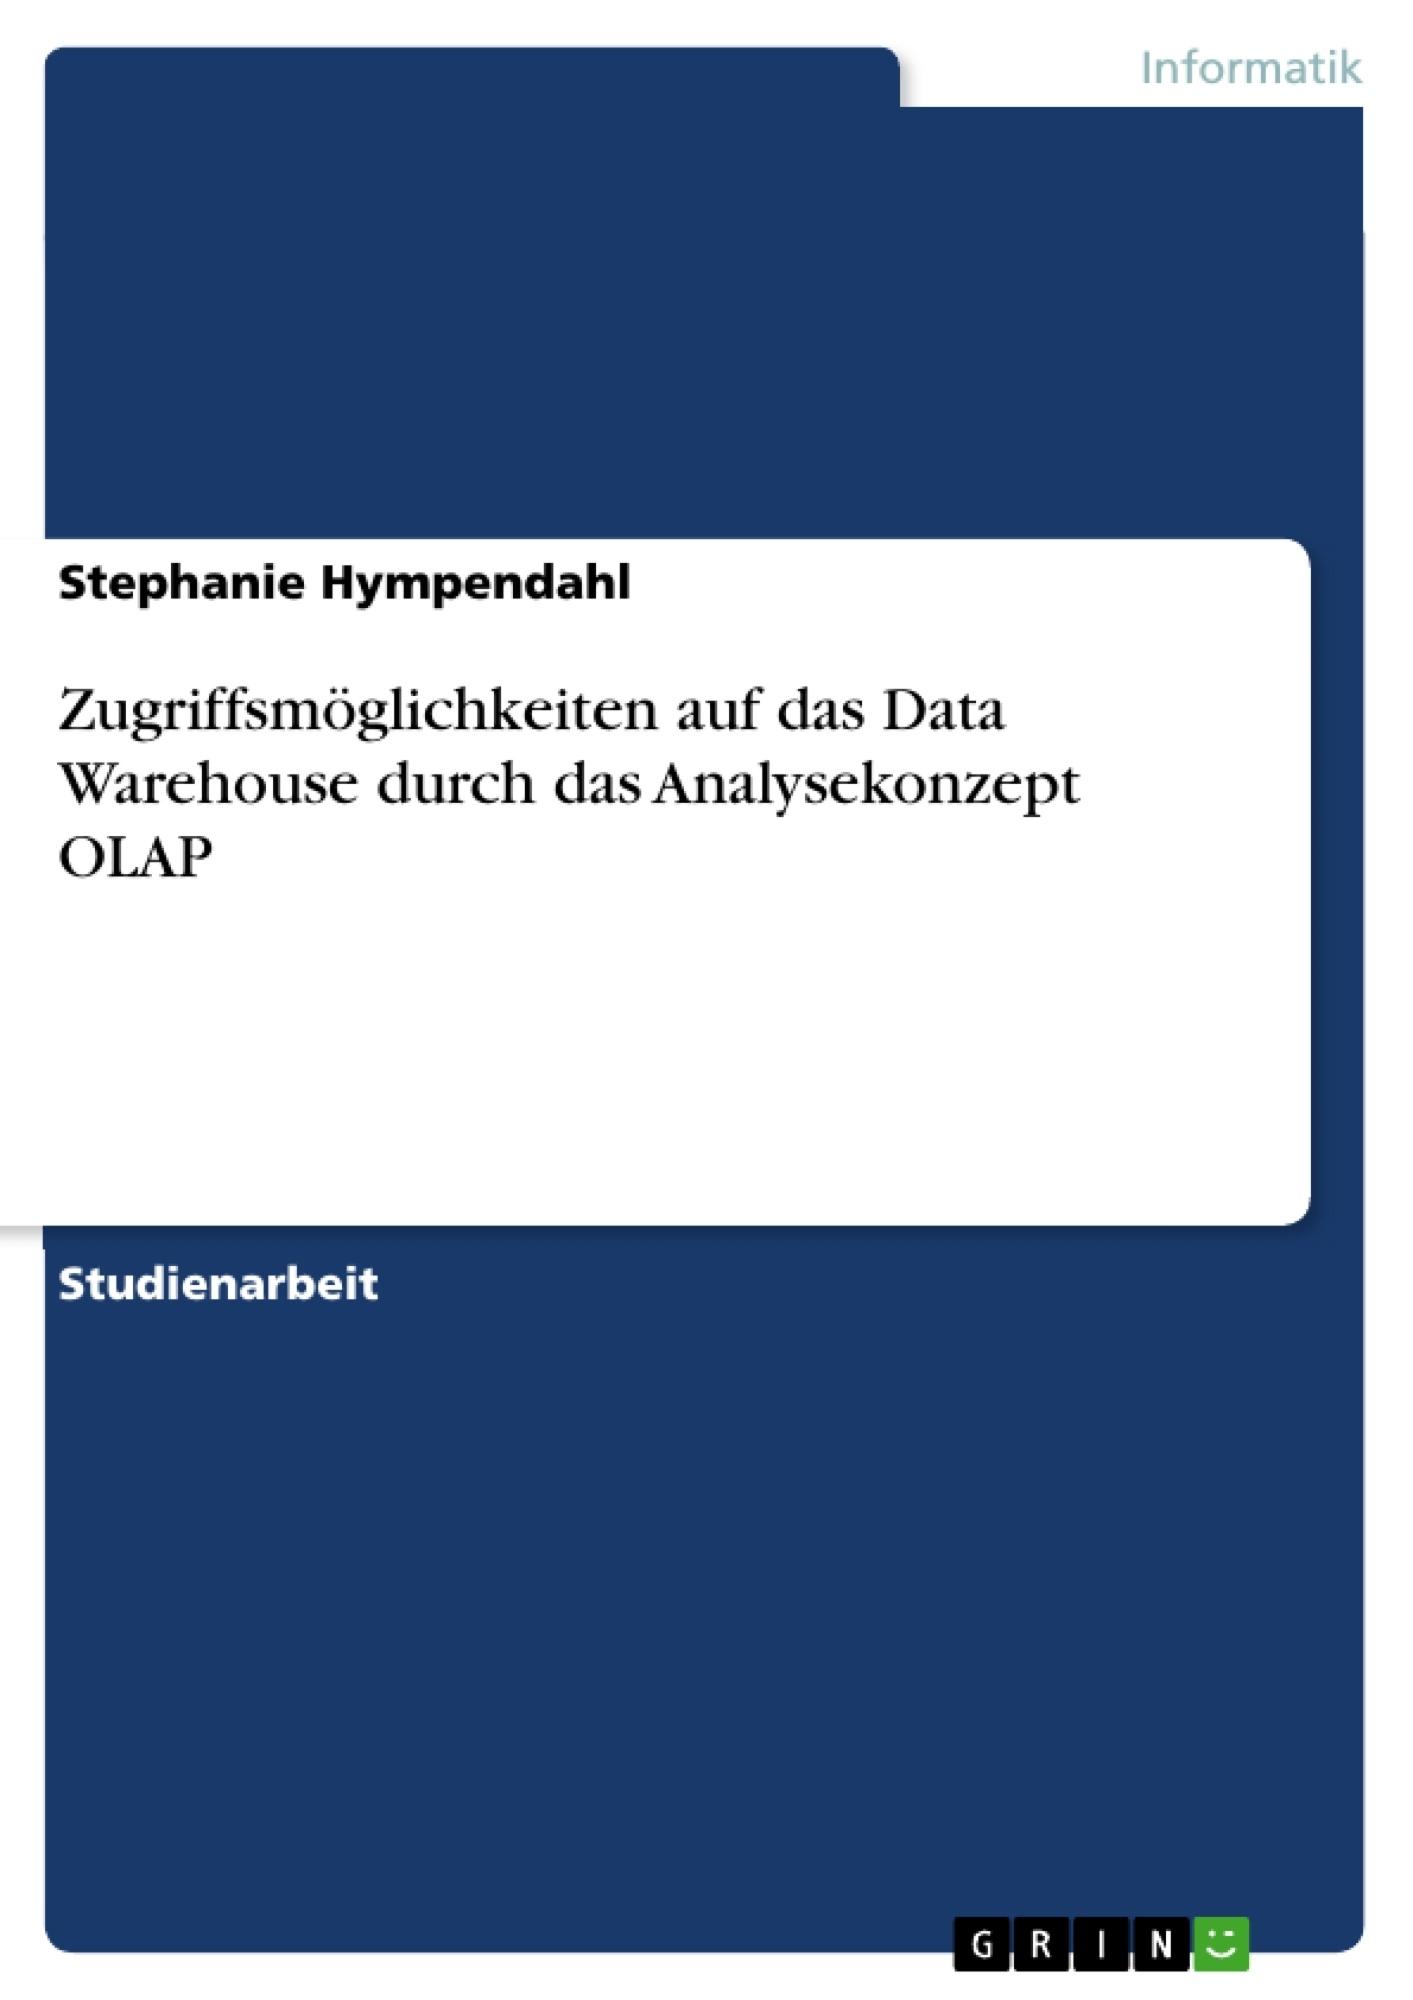 Titel: Zugriffsmöglichkeiten auf das Data Warehouse durch das Analysekonzept OLAP